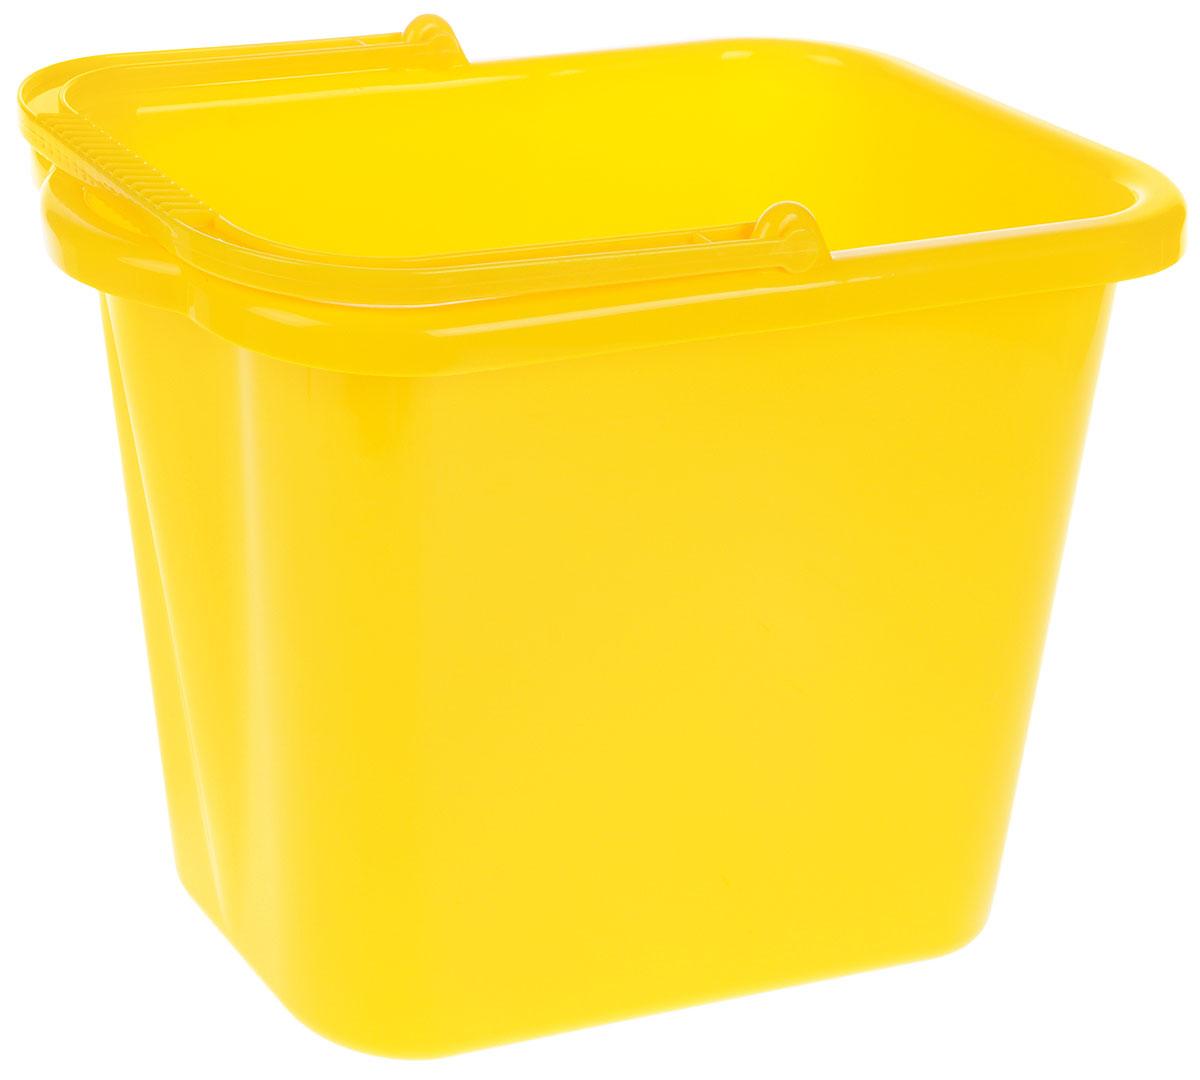 Ведро хозяйственное Idea, прямоугольное, цвет: желтый, 9,5 лBH-UN0502( R)Прямоугольное ведро Idea изготовлено из прочного пластика. Изделие порадует практичных хозяек. Ведро можно использовать для пищевых продуктов или для мытья полов. Для удобного использования ведро имеет пластиковую ручку и носик для выливания воды. Размер ведра (по верхнему краю): 36 х 21,5 см.Высота стенки: 25 см.